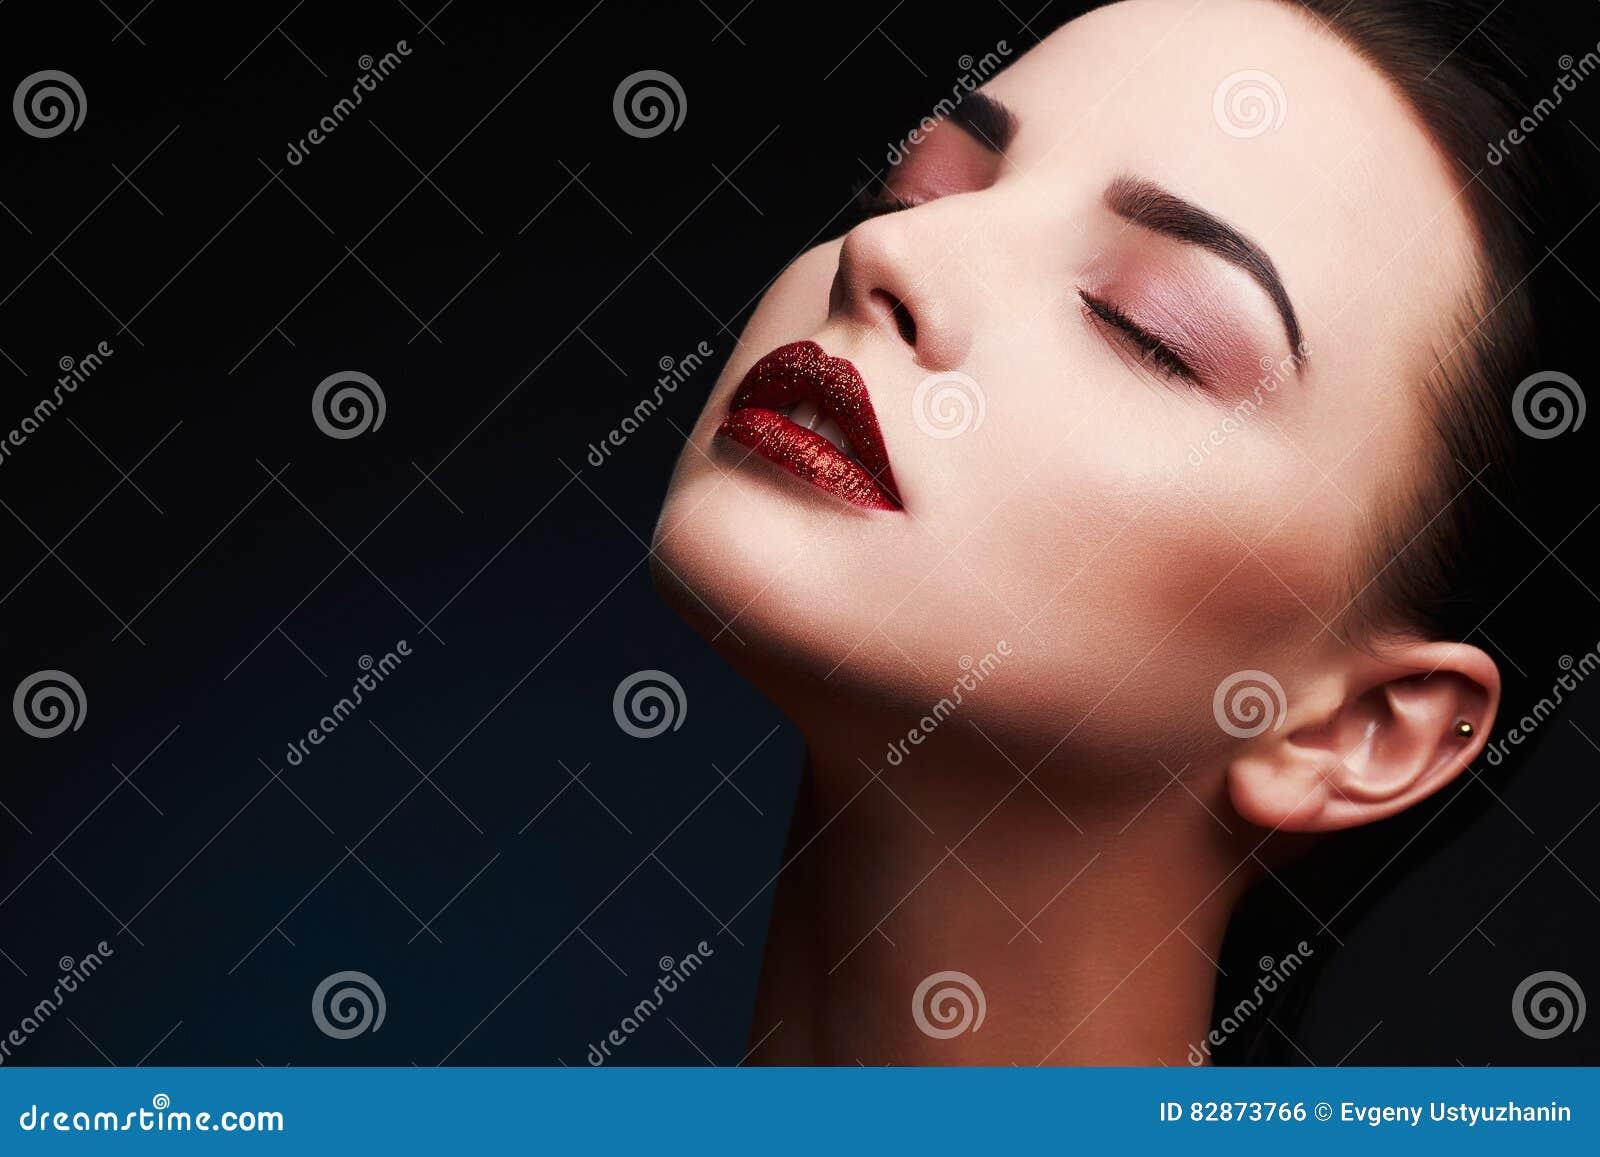 Femme modèle de beauté Belle Madame magnifique Portrait de charme Languettes sexy Maquillage rouge de lèvres de beauté